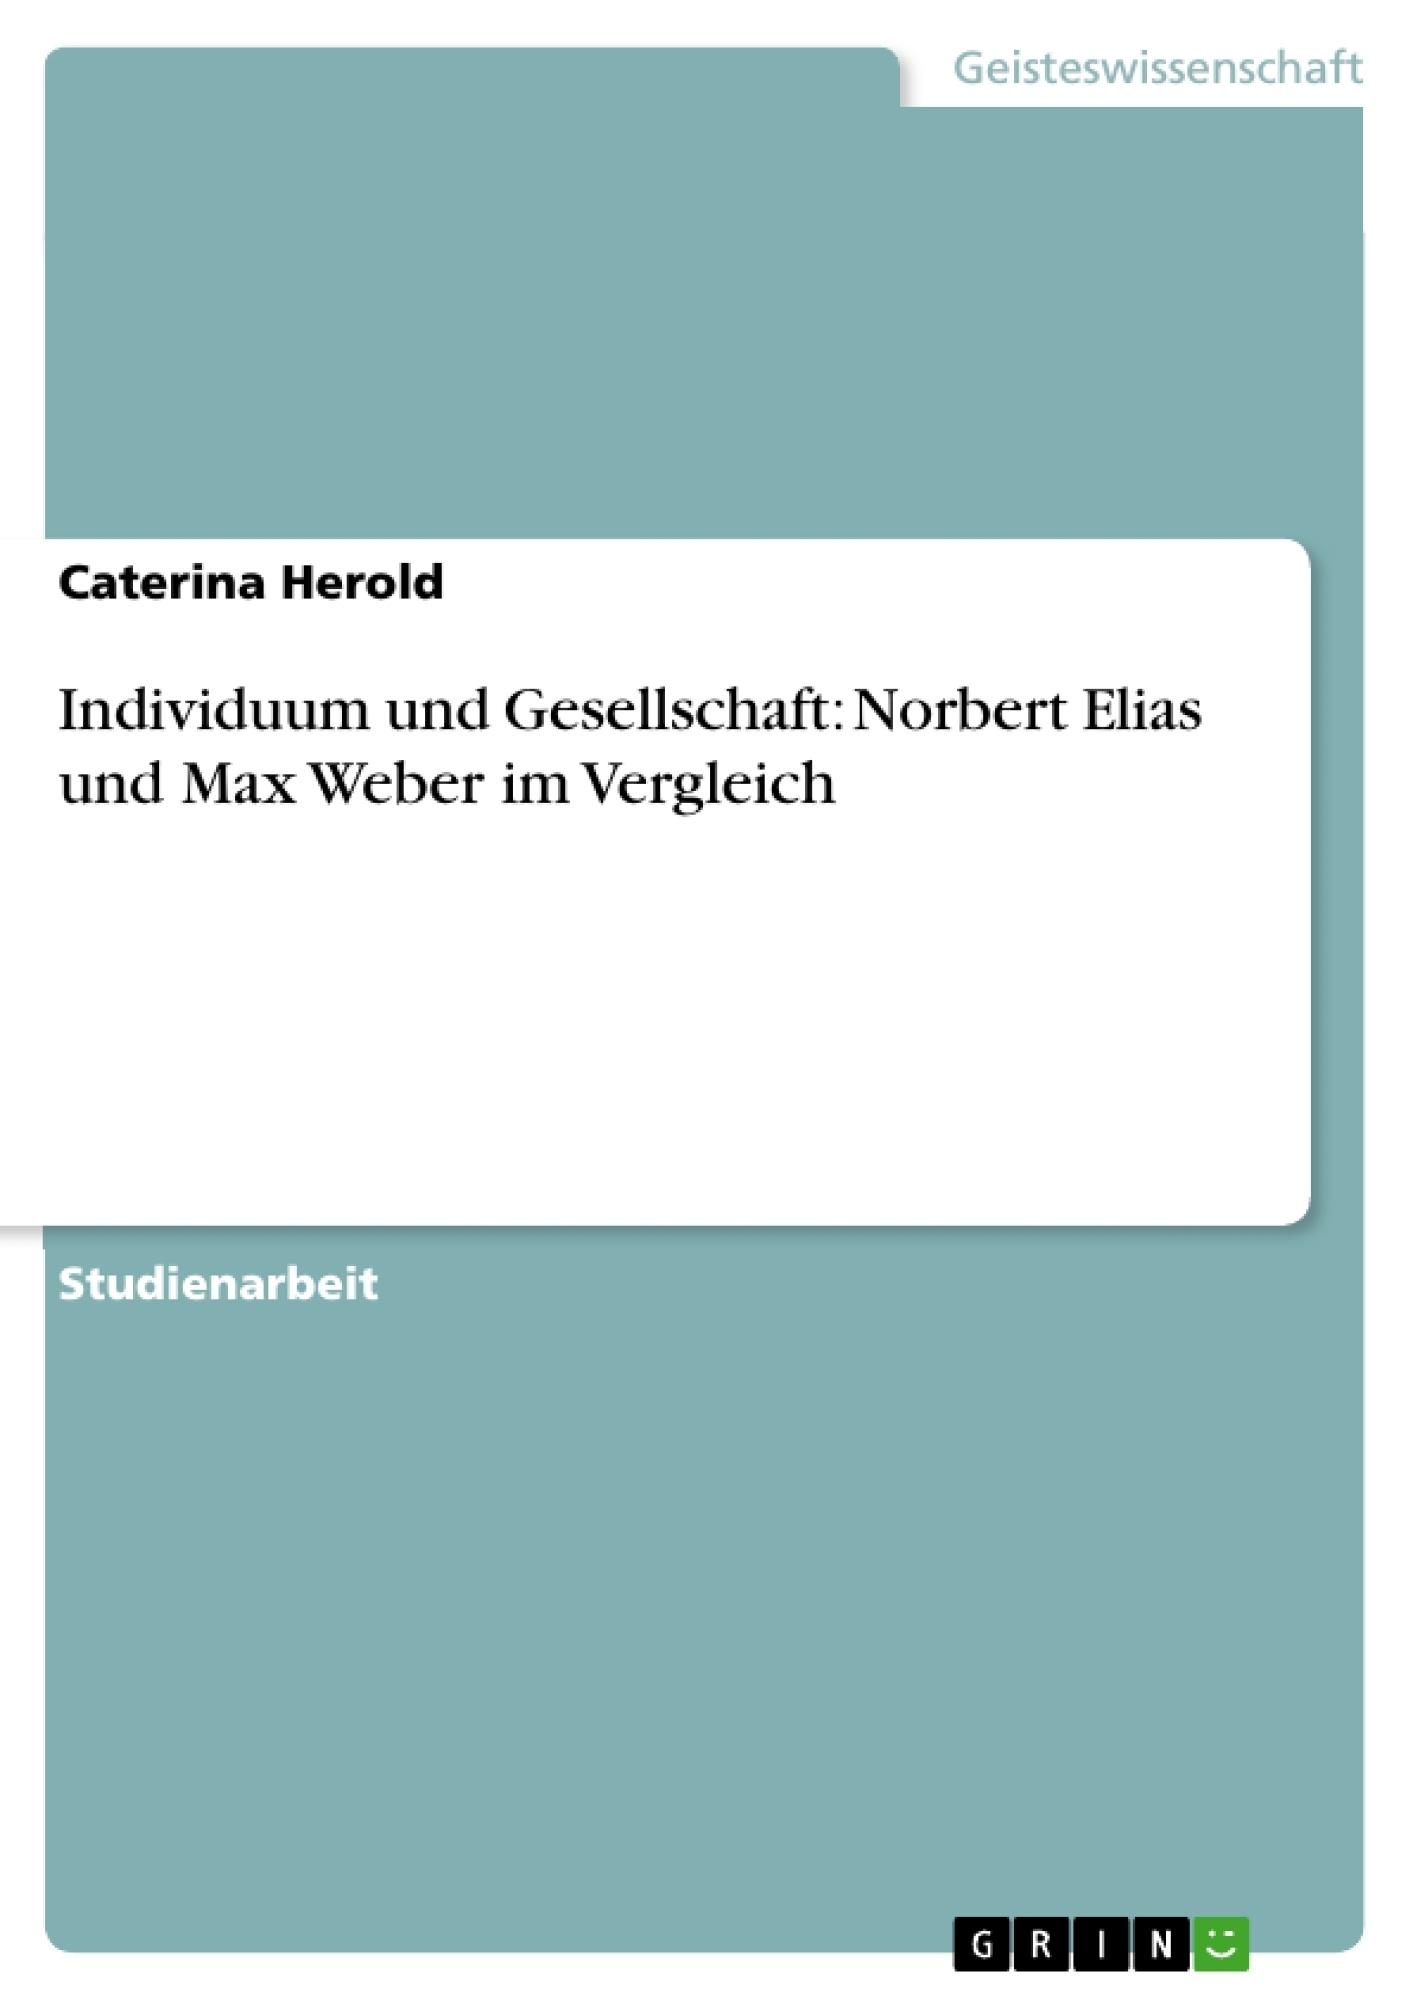 Titel: Individuum und Gesellschaft: Norbert Elias und Max Weber im Vergleich